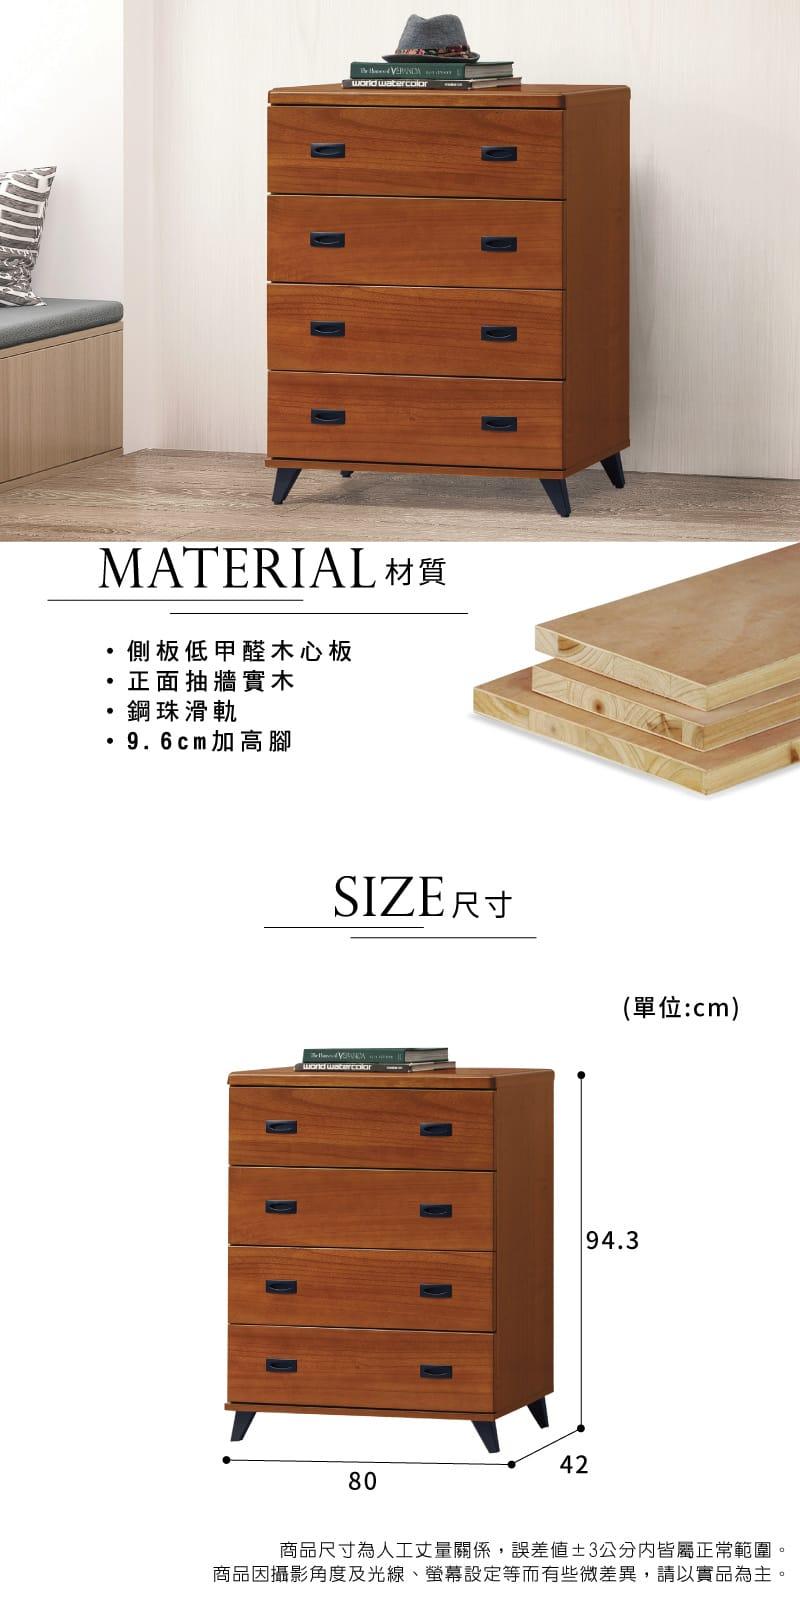 樟木收納置物四斗櫃 寬80cm